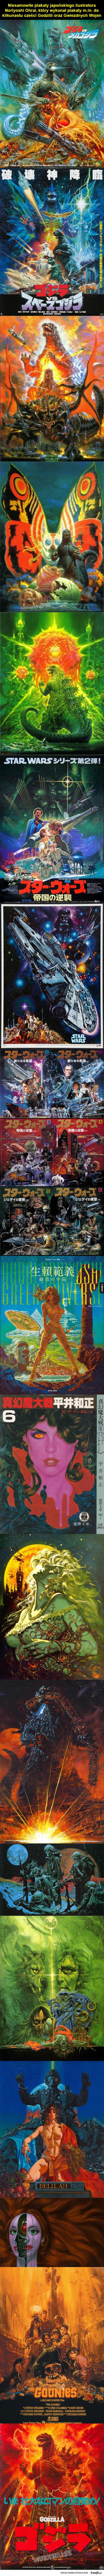 Niesamowite plakaty SF japońskiego artysty